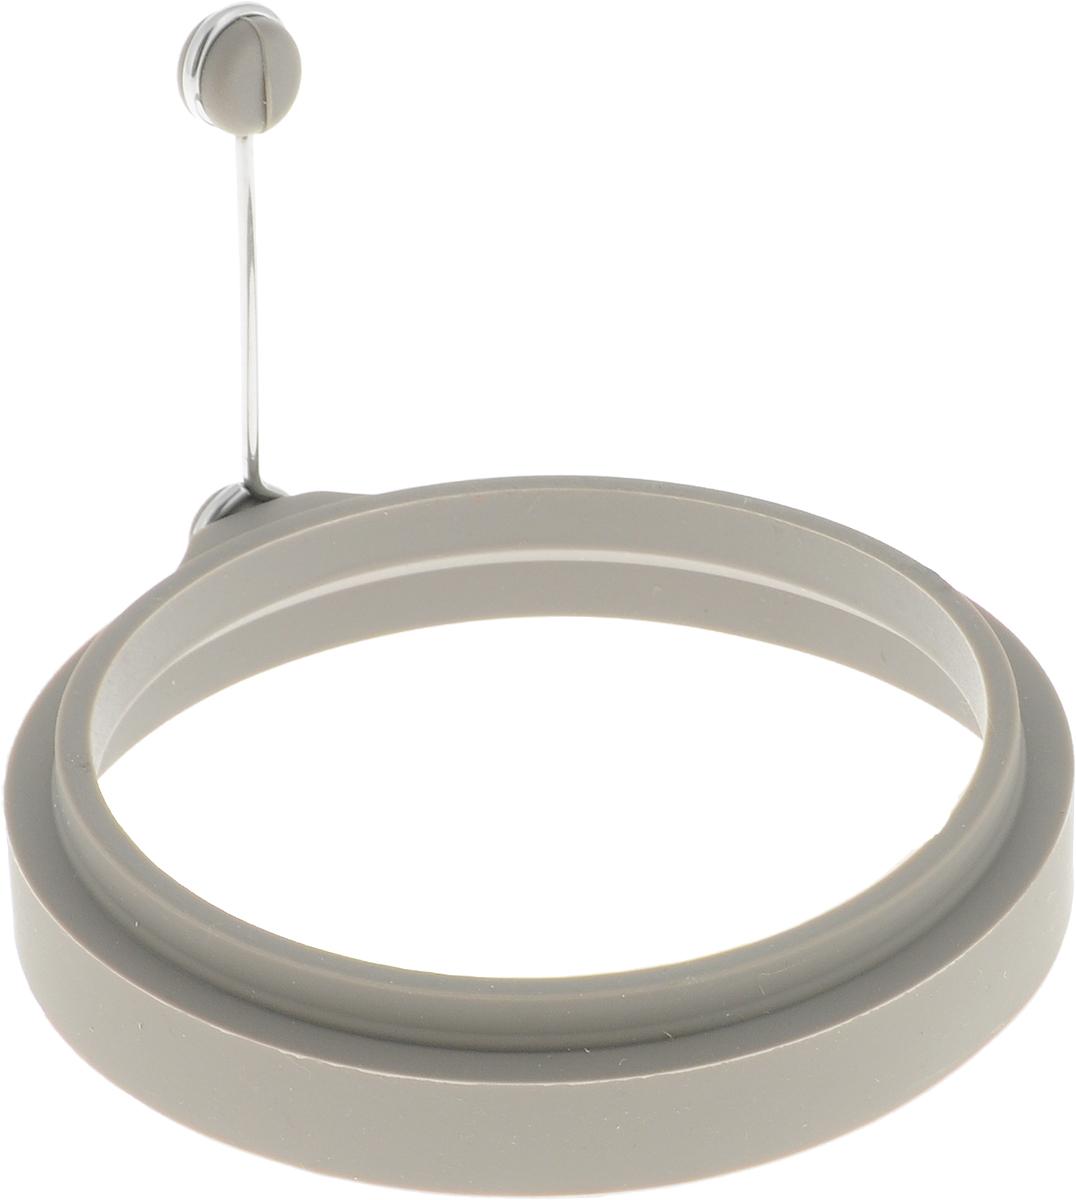 Форма для выпечки Dosh Home Gemini, 11 см. 300317300317Формочка отлично подходит для приготовления яичницы, омлета, блинов, картофельных оладьев на сковороде или в духовке, еще ее можно использовать для приготовления желе, пудинга и т.д. Для удобства имеется специальная ручка, за которую можно пододвинуть и поднять готовое изделие со сковородки. Формочка изготовлена из высококачественного термостойкого силикона, ручка из нержавеющей стали, можно мыть в посудомоечной машине.